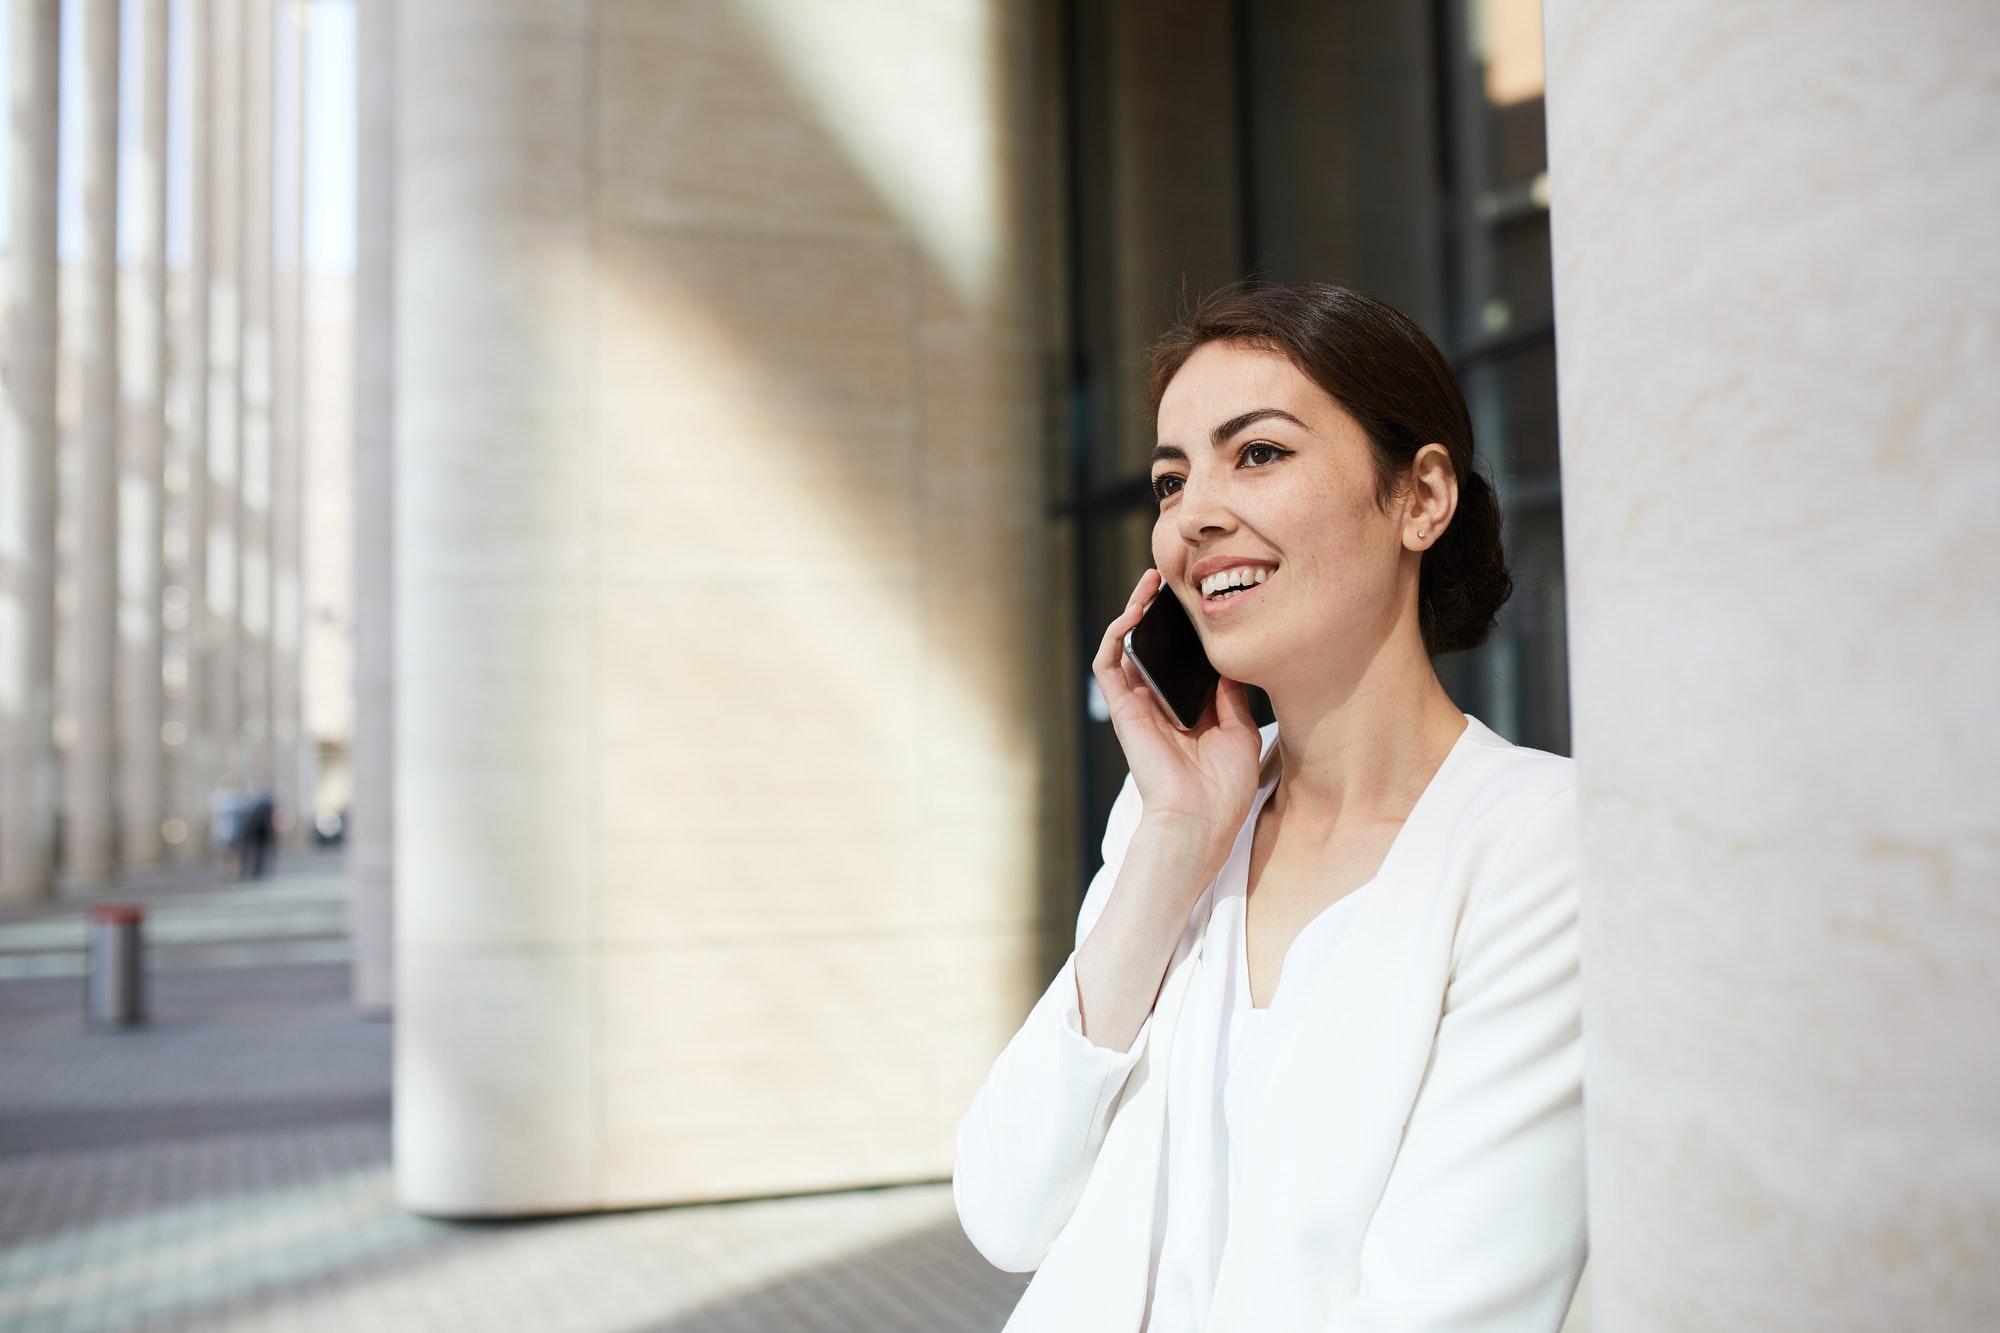 femme au téléphone parle des bons moments avec son ex